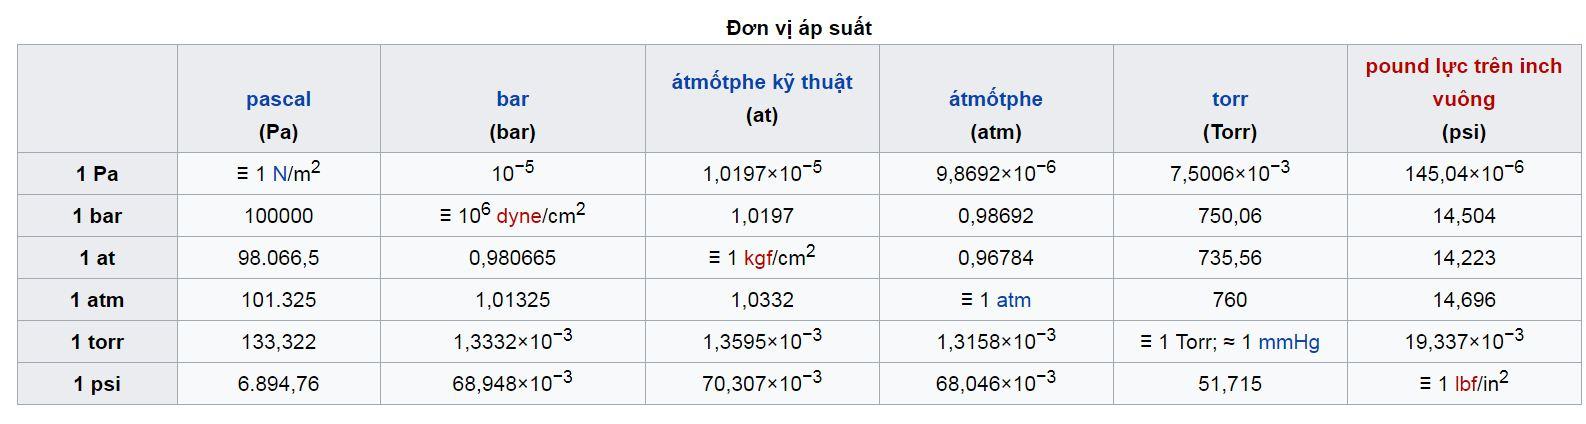 ban-mau-don-vi-ap-suat.JPG